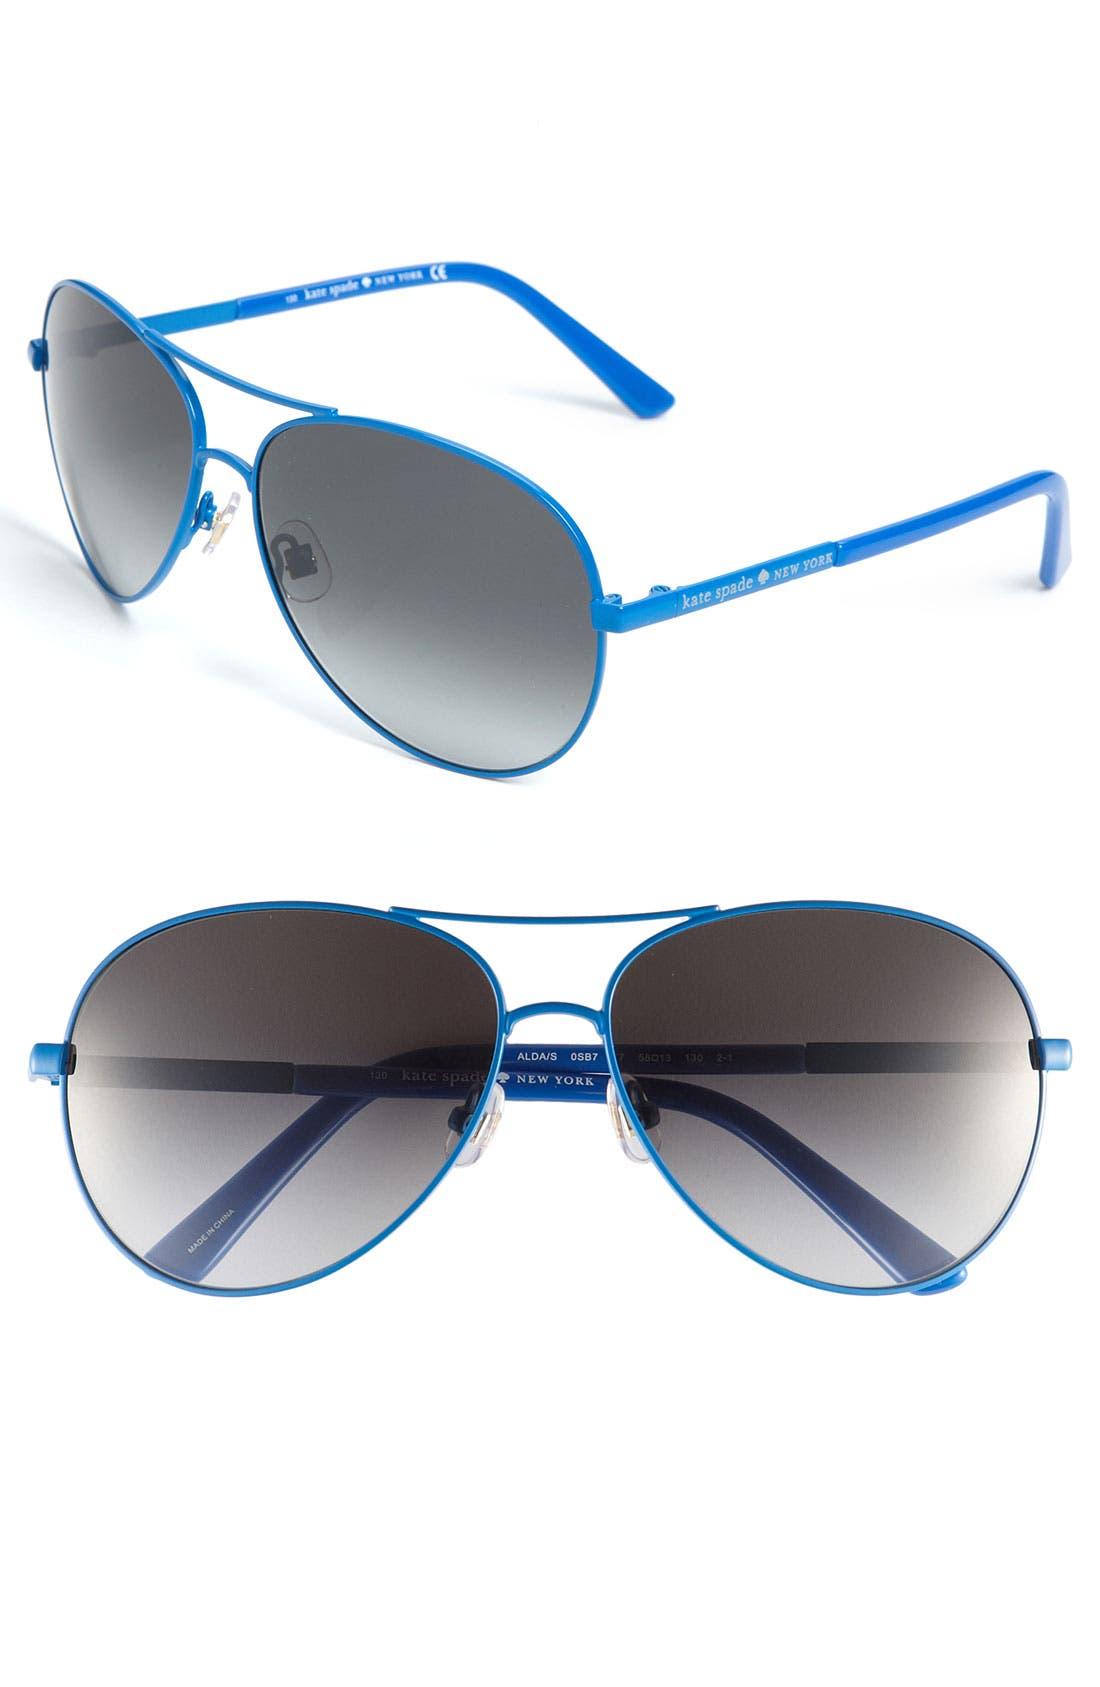 Alternate Image 1 Selected - kate spade new york metal aviator sunglasses